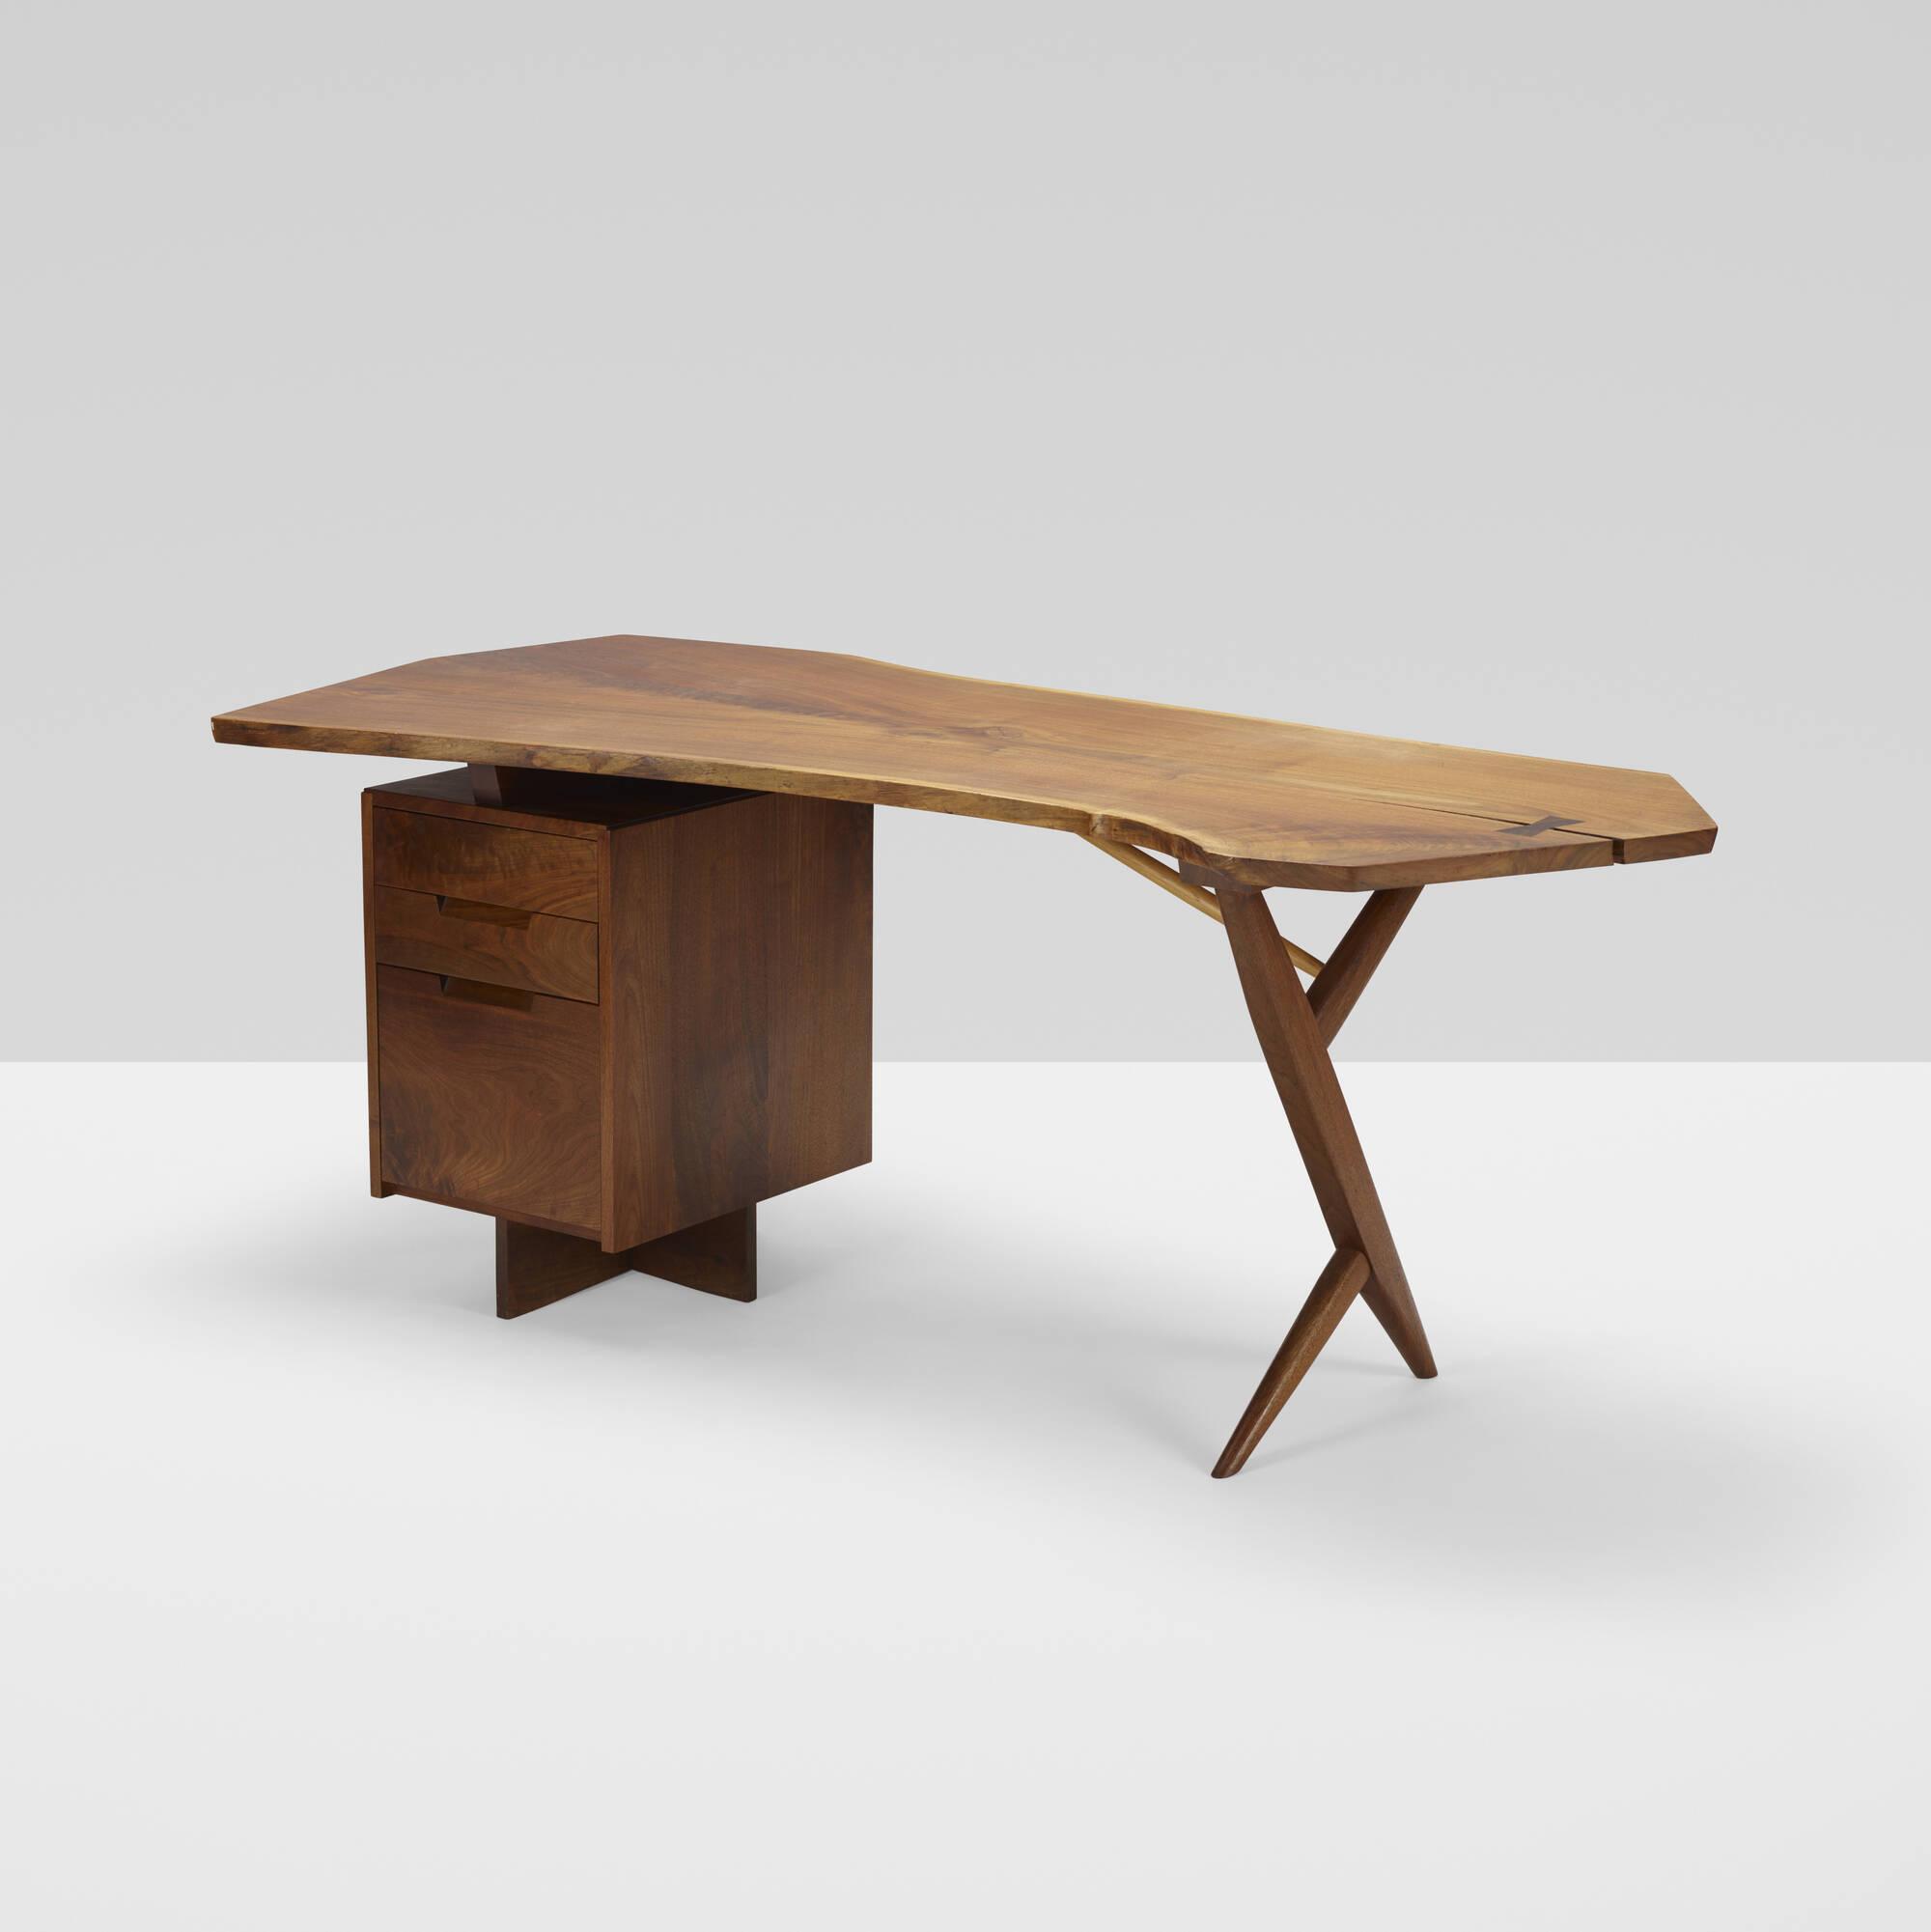 178: George Nakashima / Conoid desk (1 of 5)